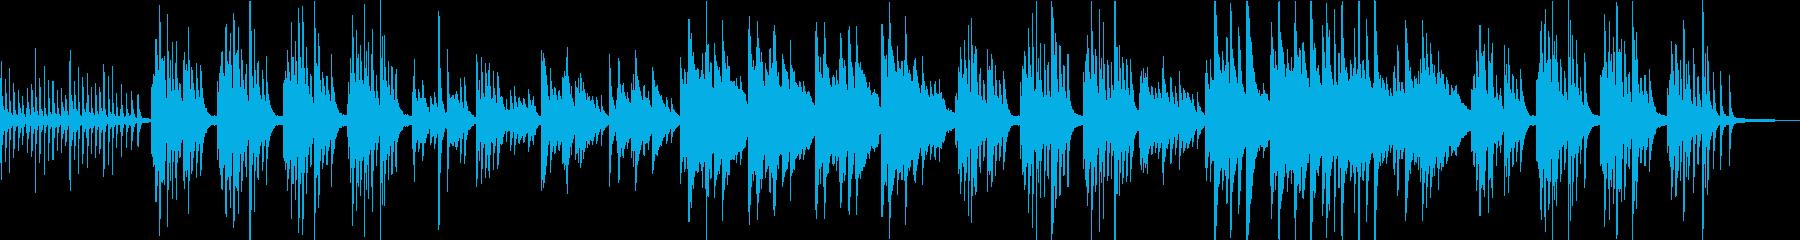 切なく優しいけど迷い葛藤あるピアノソロの再生済みの波形